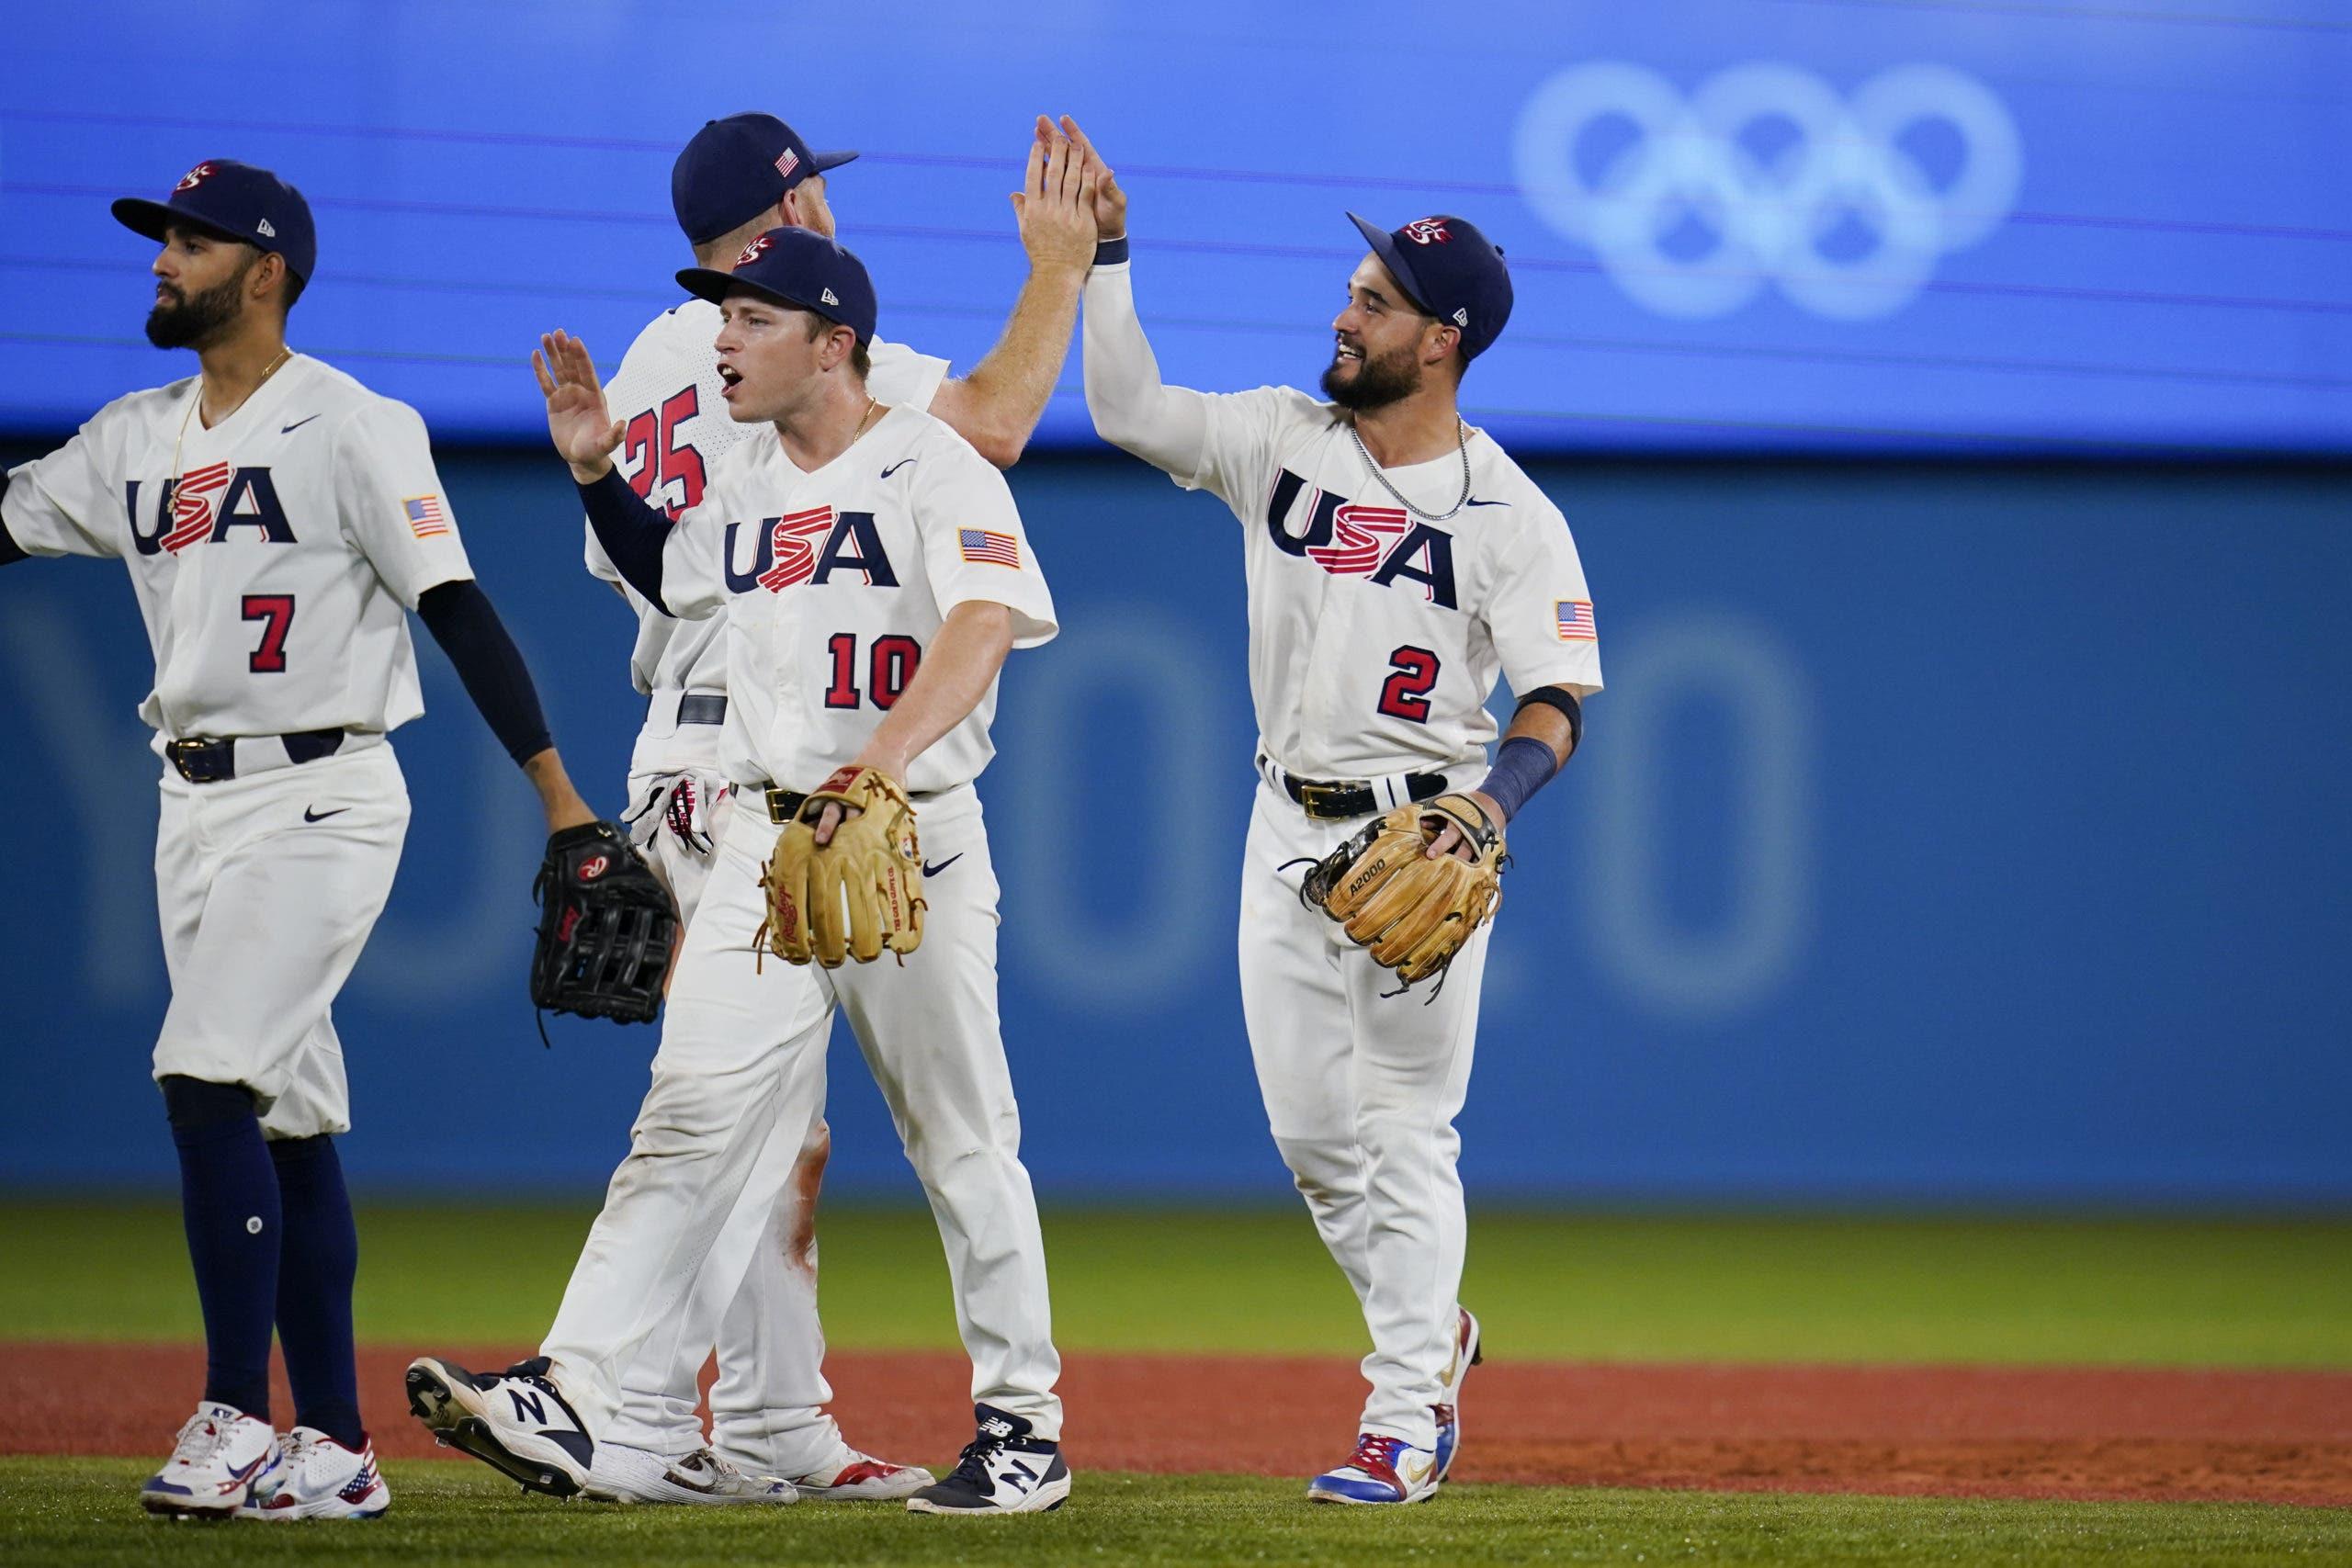 EEUU avanza a final en béisbol, Álvarez suma nueva medalla